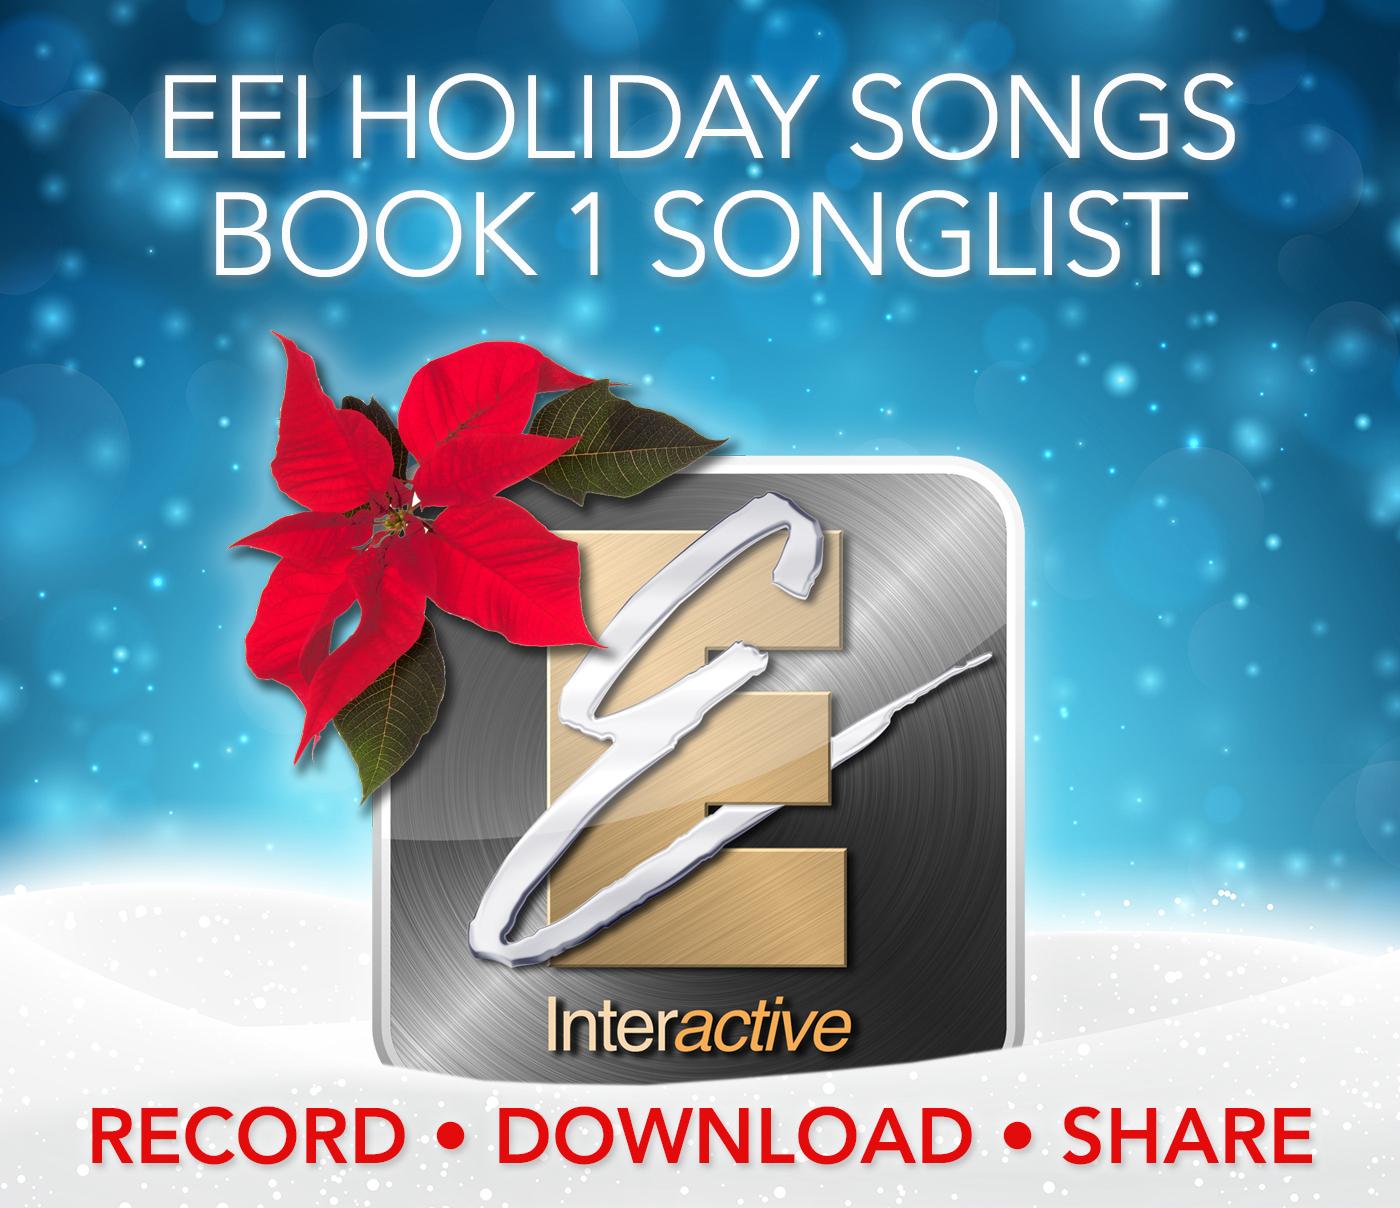 2018 Holiday Songs Blast Image3.jpg